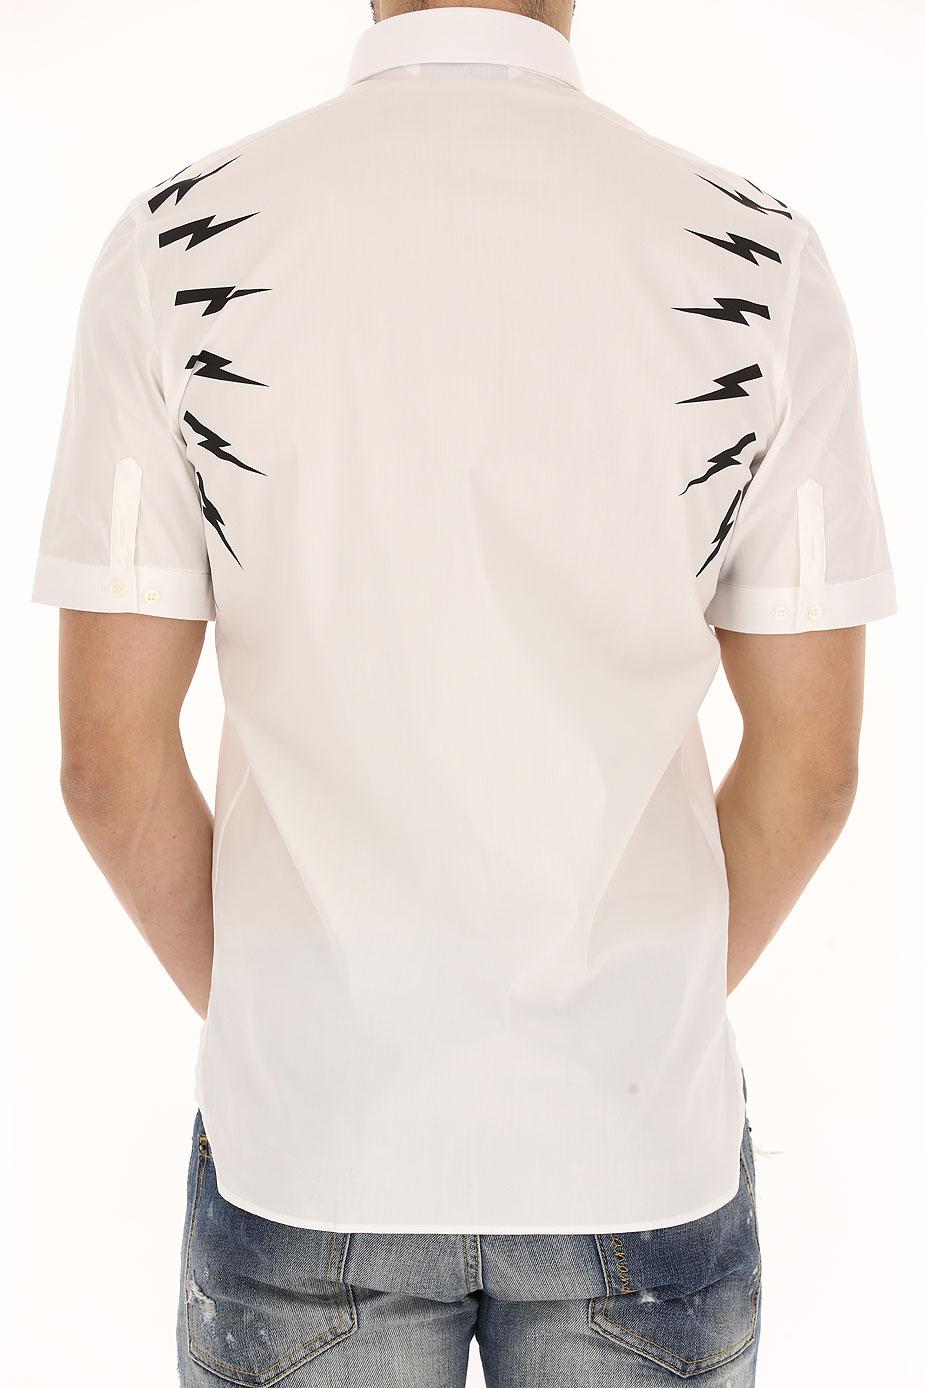 Abbigliamento Uomo Neil Barrett, Codice Articolo: pbcm876c-g021s-526